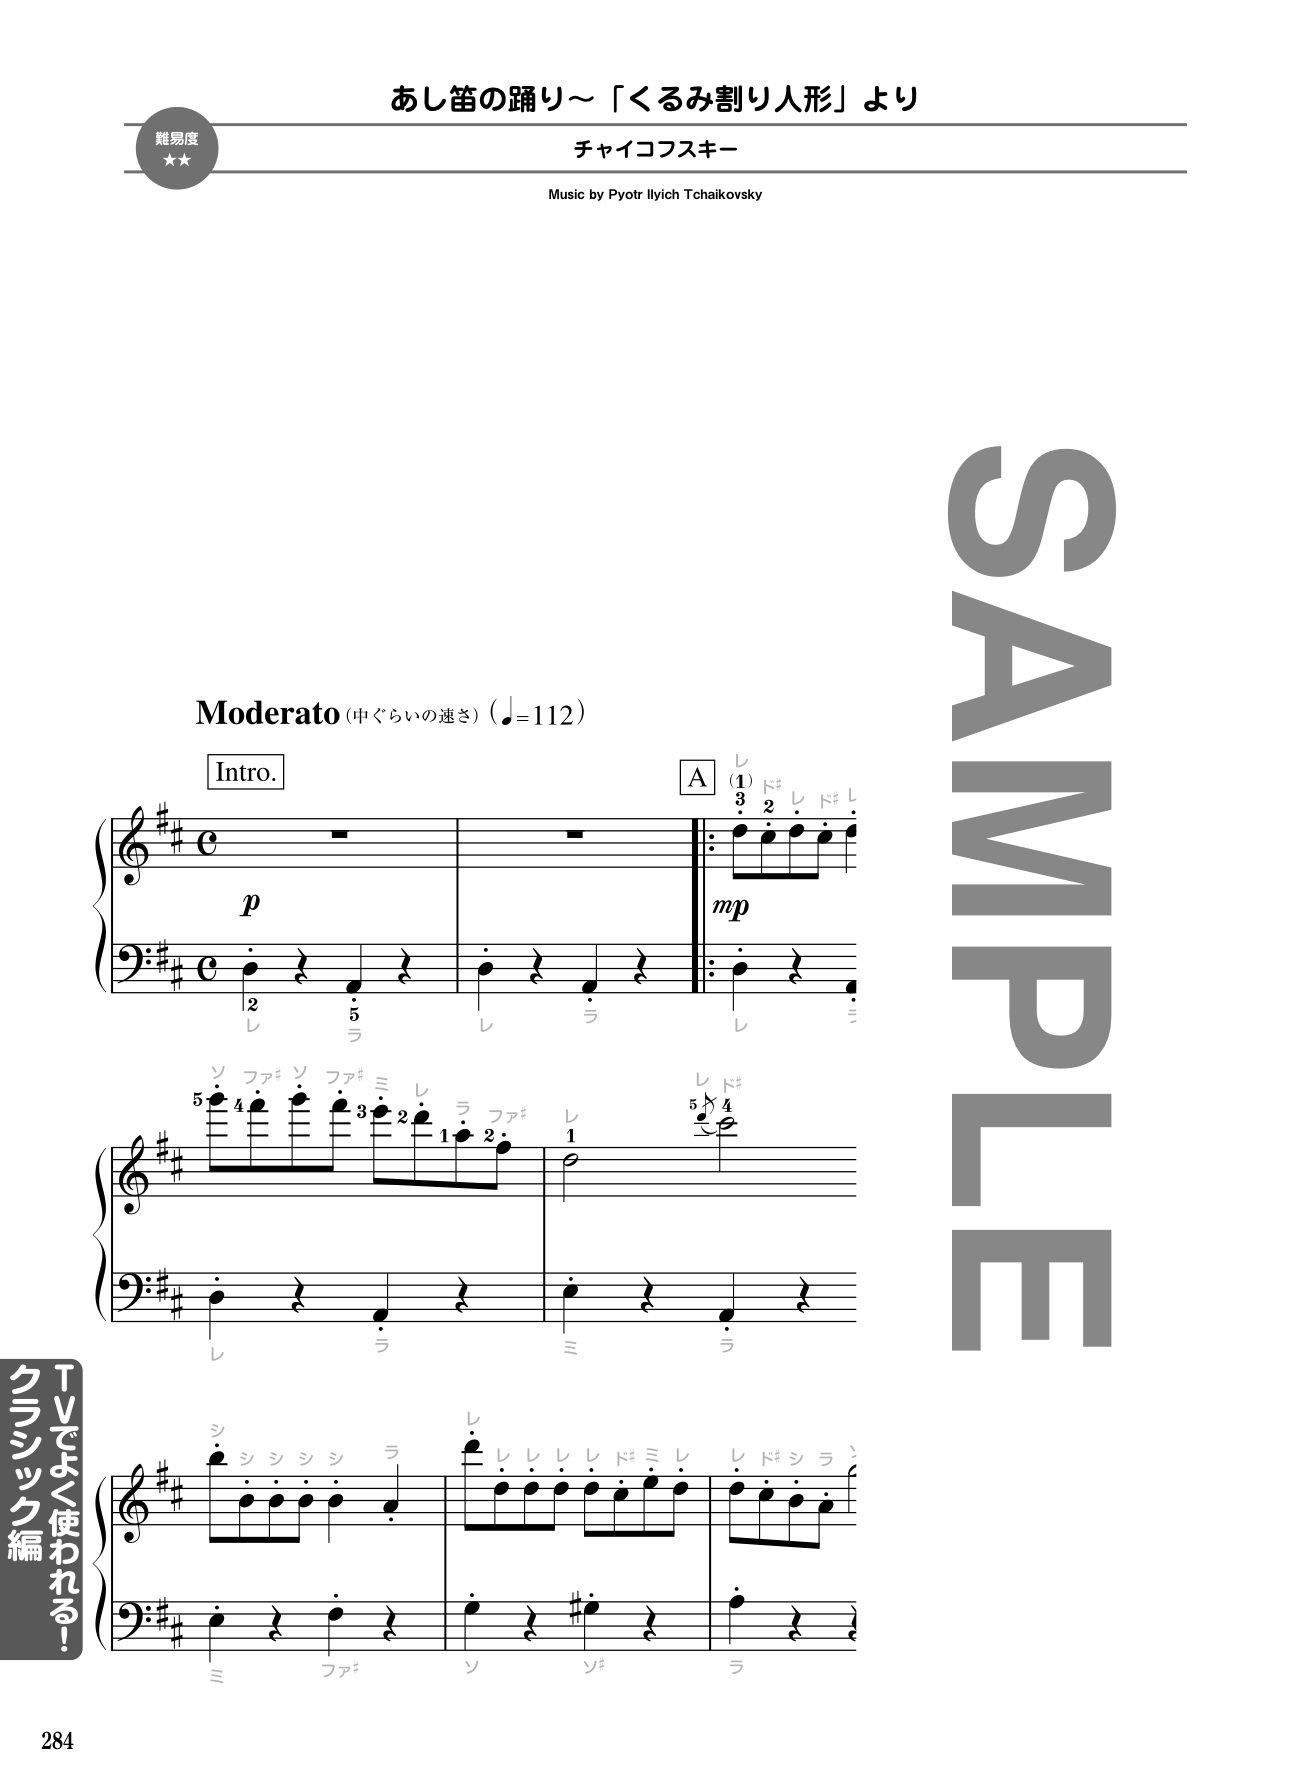 音名カナつき初心者ピアノ80曲やさしく弾ける人気テレビソング改訂2